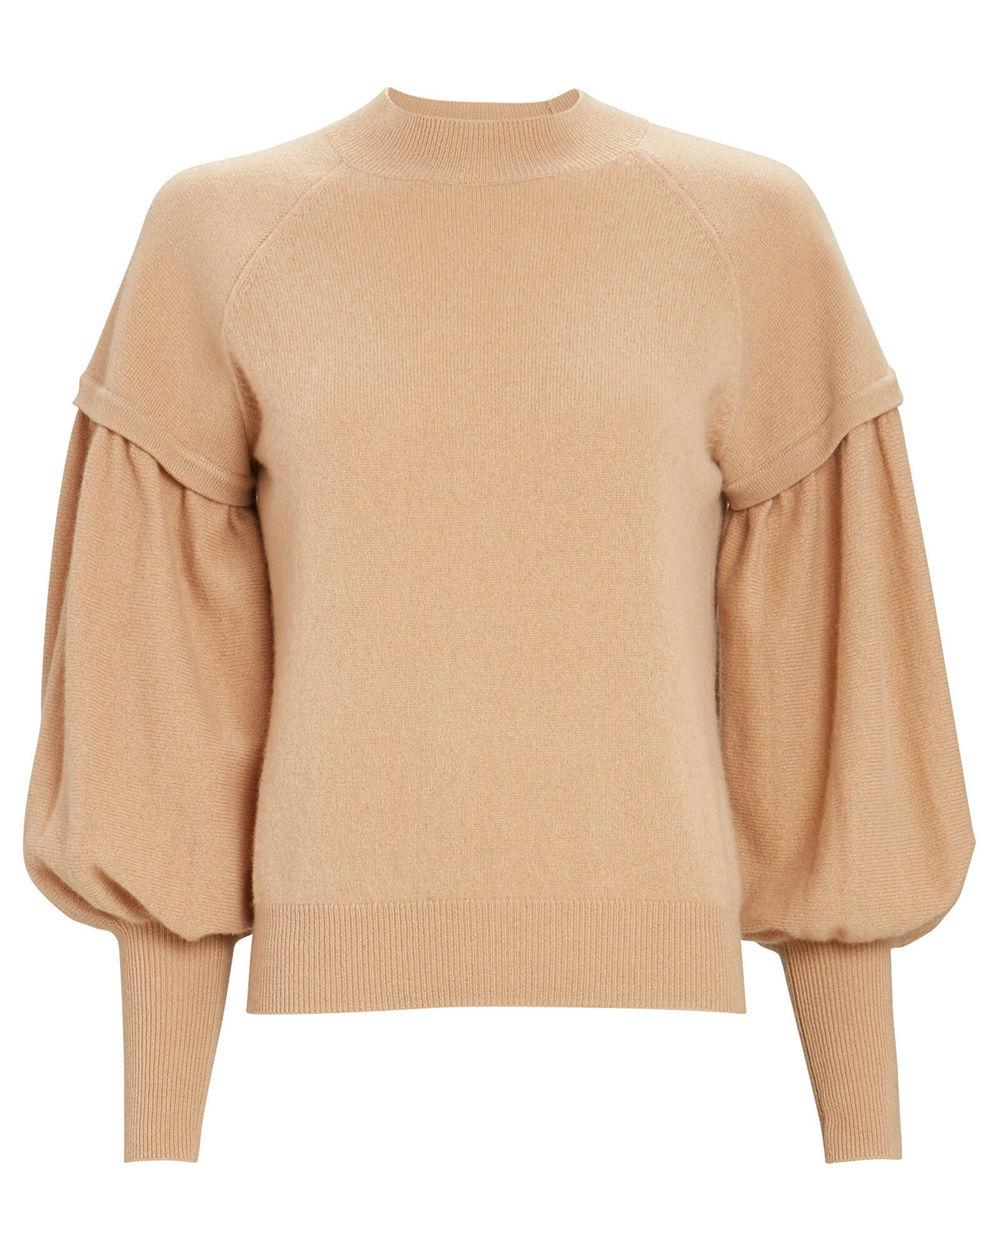 Mackenzie Cashmere Sweater Item # 520-2034-K